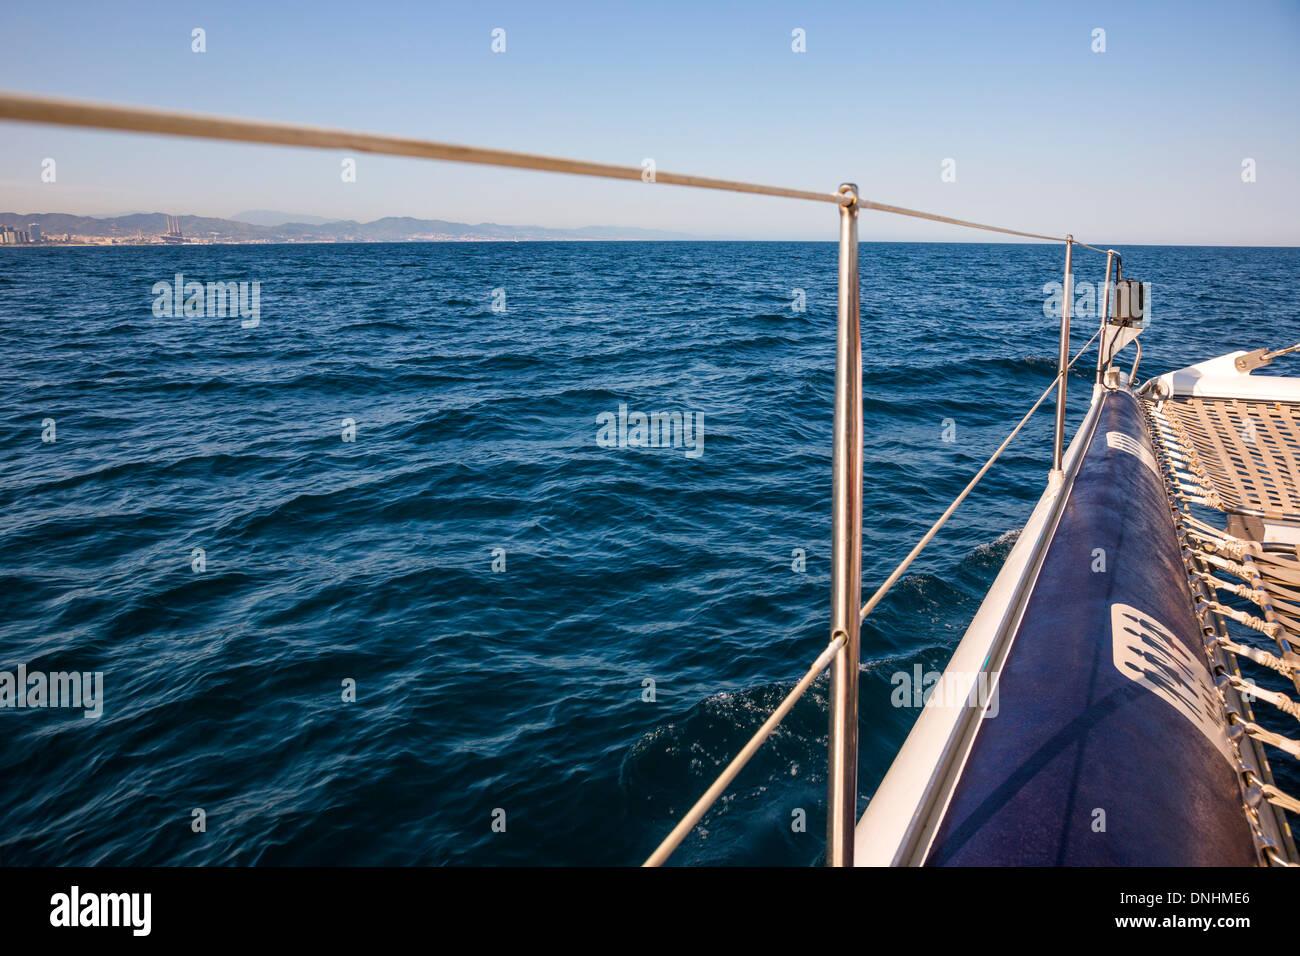 Spostamento in barca in mare, Barcellona, in Catalogna, Spagna Foto Stock